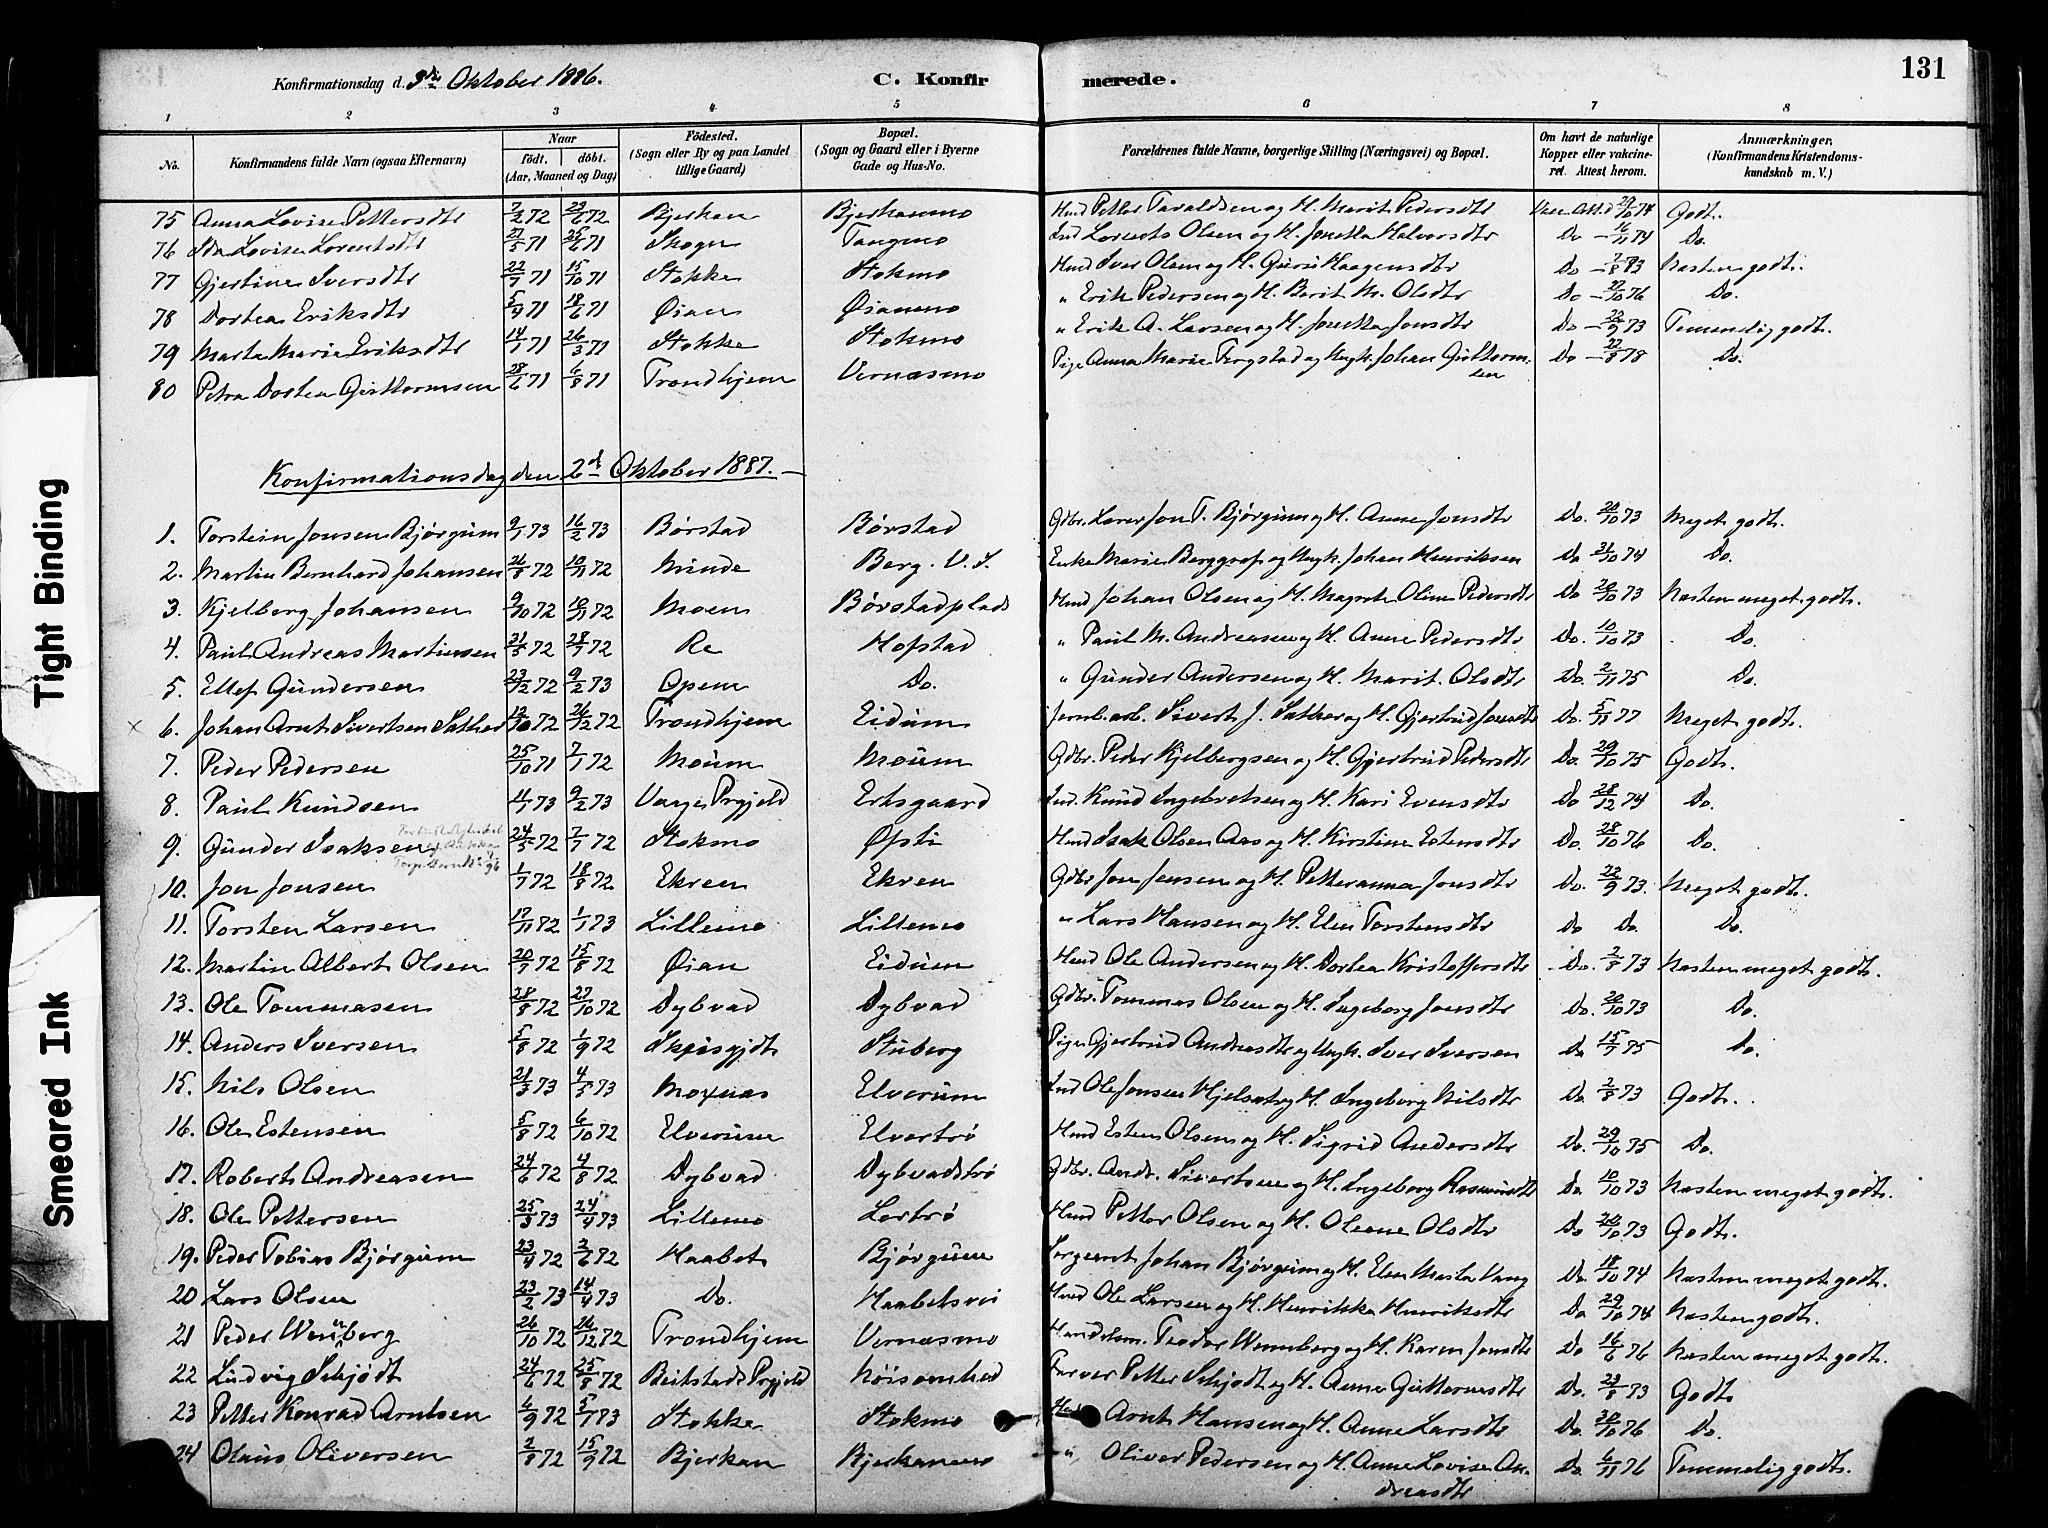 SAT, Ministerialprotokoller, klokkerbøker og fødselsregistre - Nord-Trøndelag, 709/L0077: Ministerialbok nr. 709A17, 1880-1895, s. 131